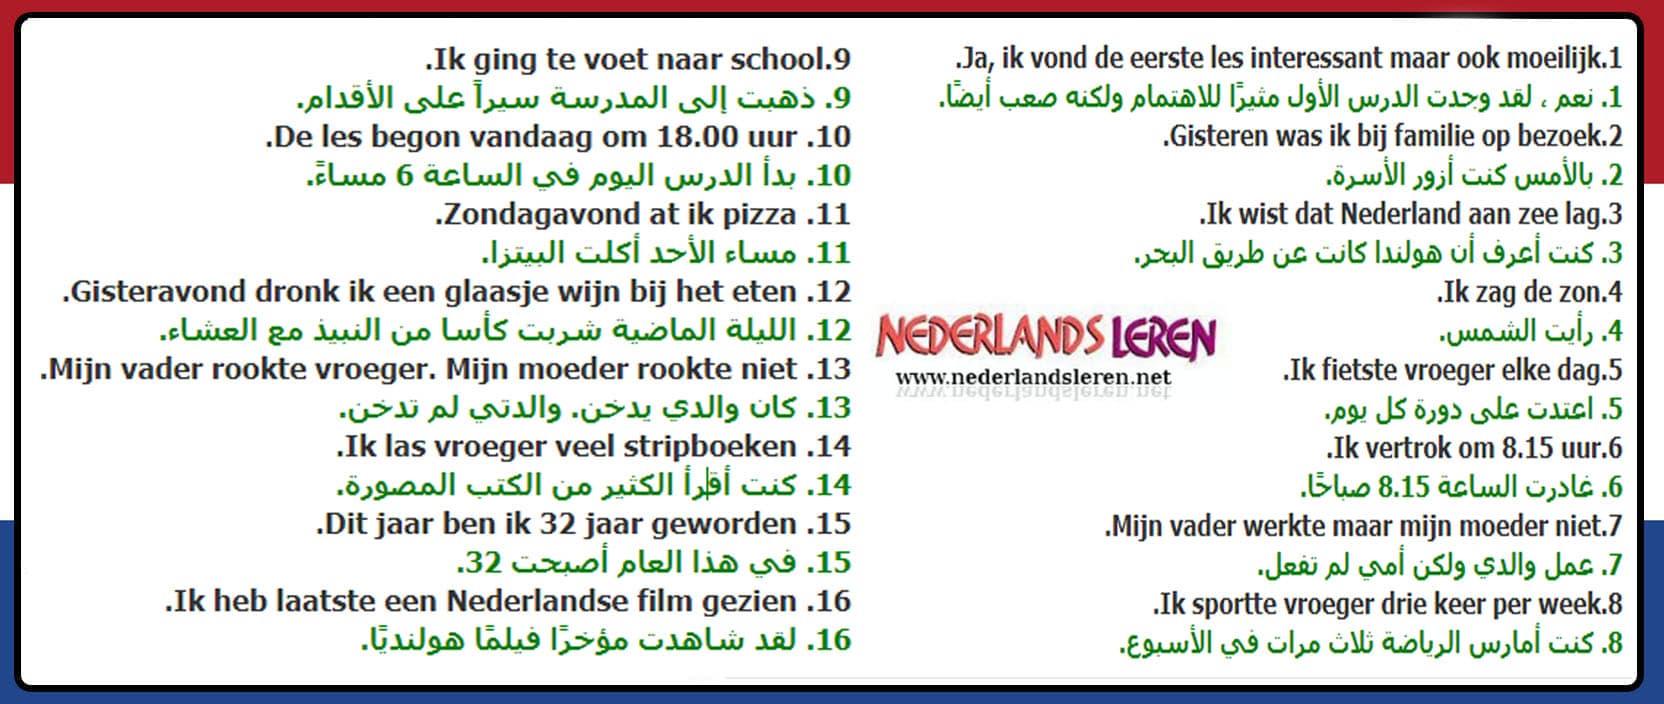 الجزء الثالث 16 جملة مع بعض الاسئلة المهمة في اللغة الهولندية 2020